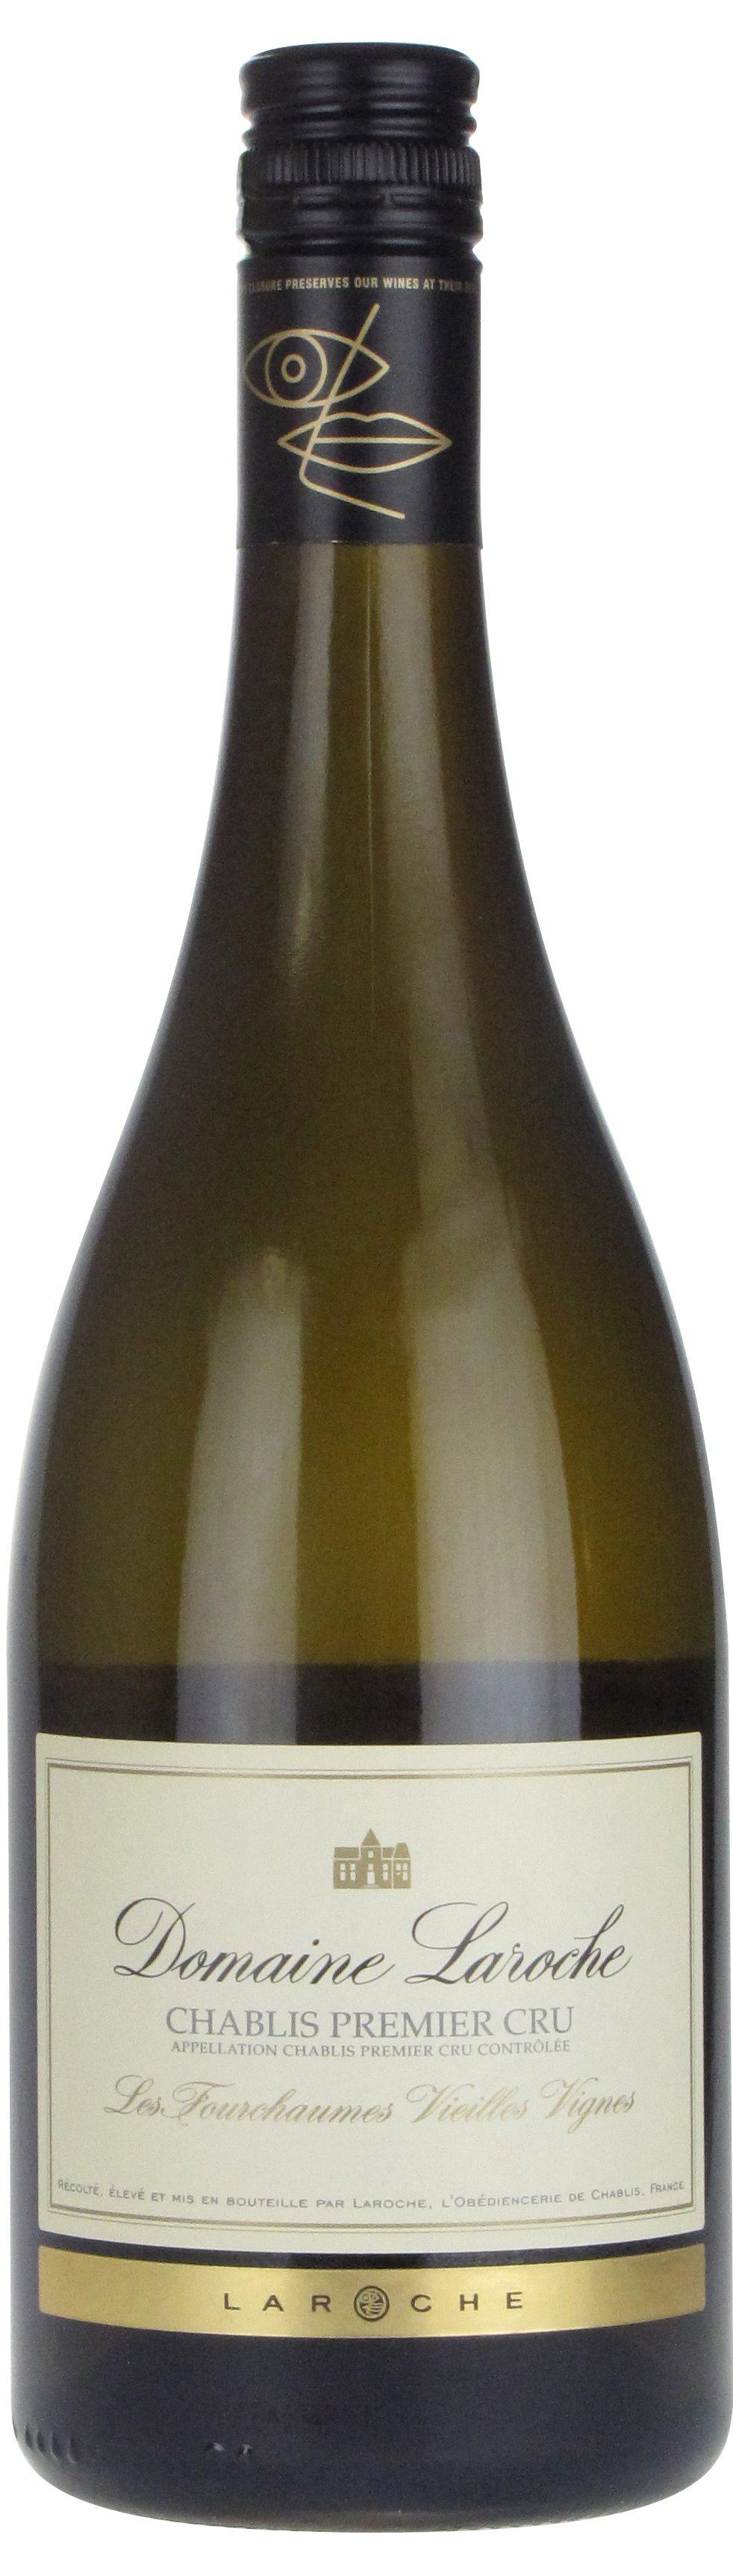 Laroche Chablis Premier Cru Les Fourchaumes, Vieilles Vignes